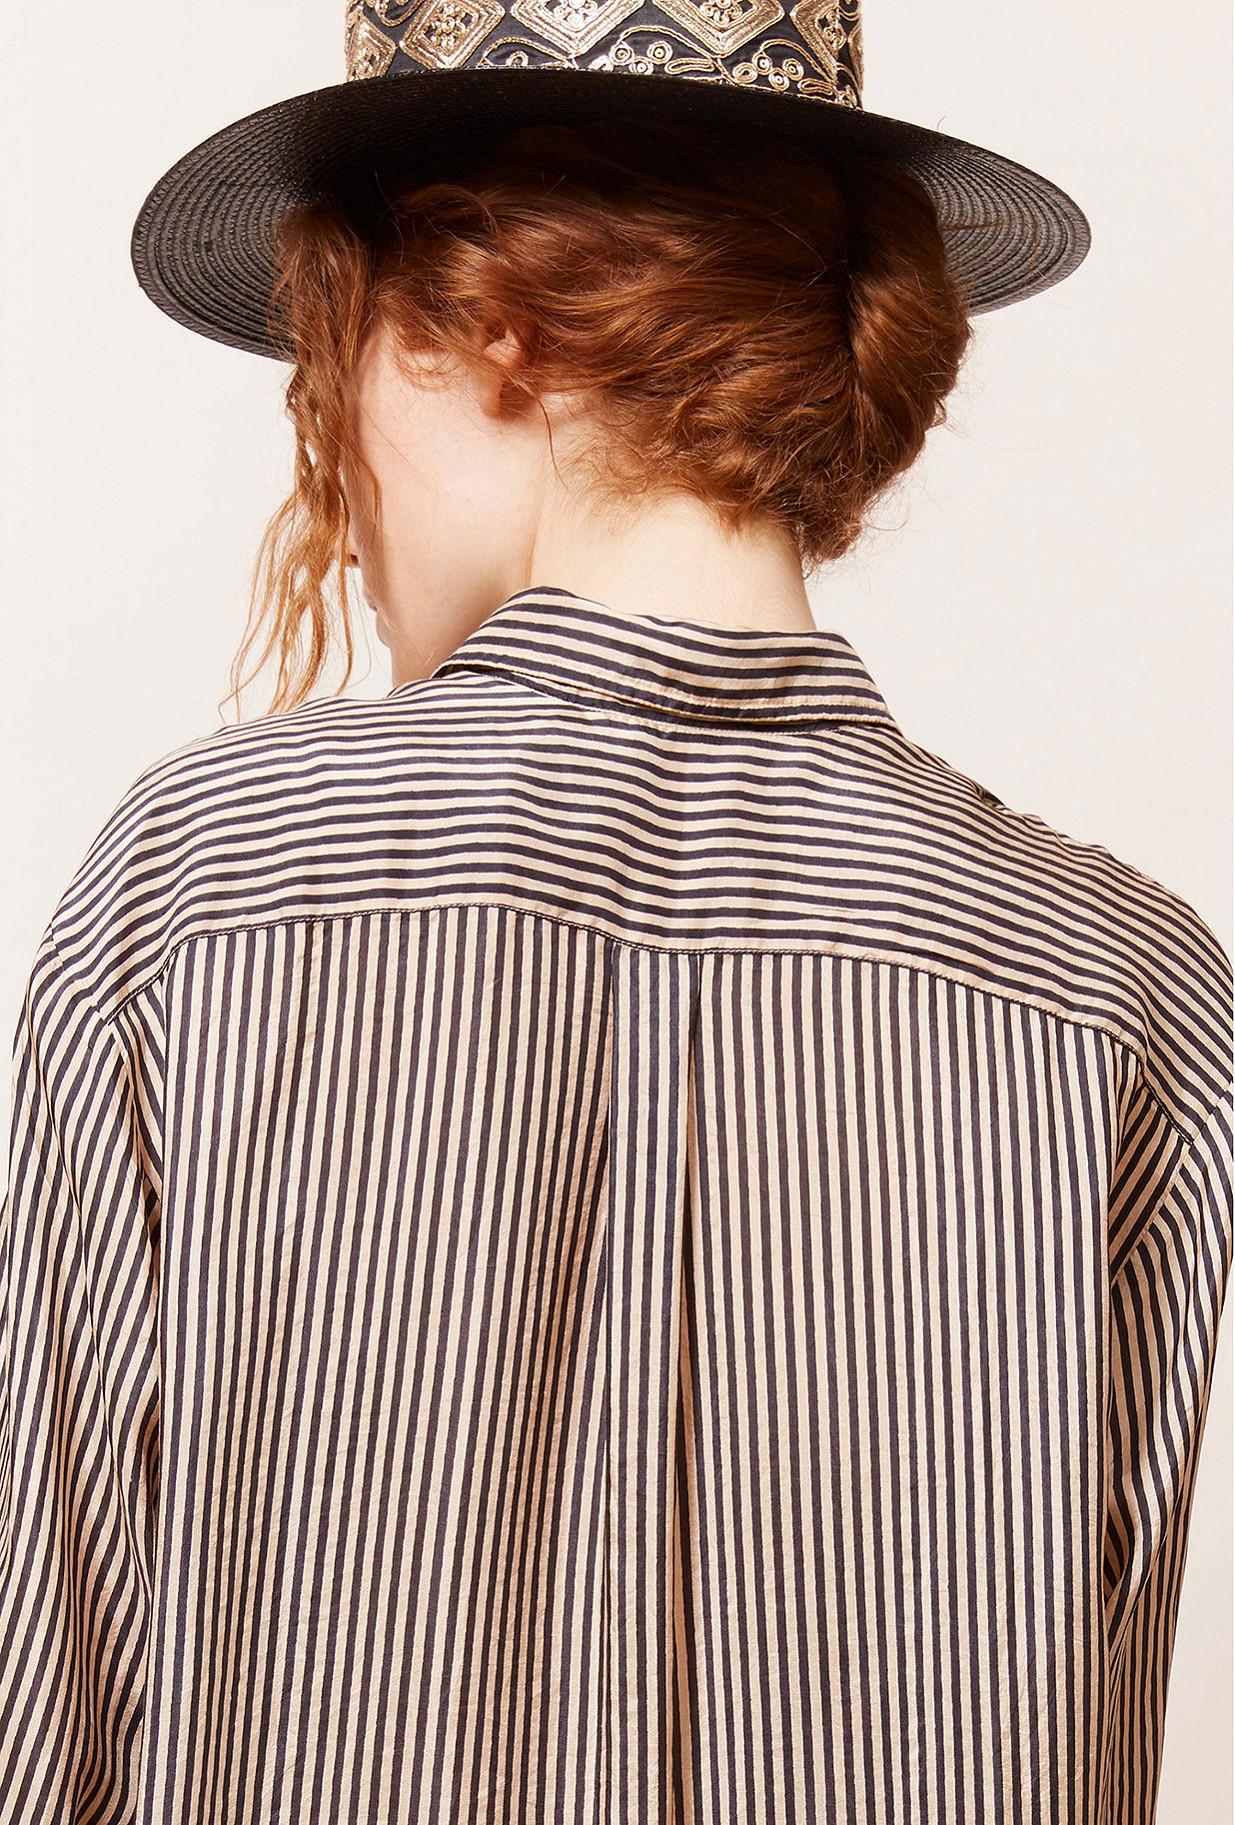 Paris boutique de mode vêtement Chemise créateur bohème  Bayard